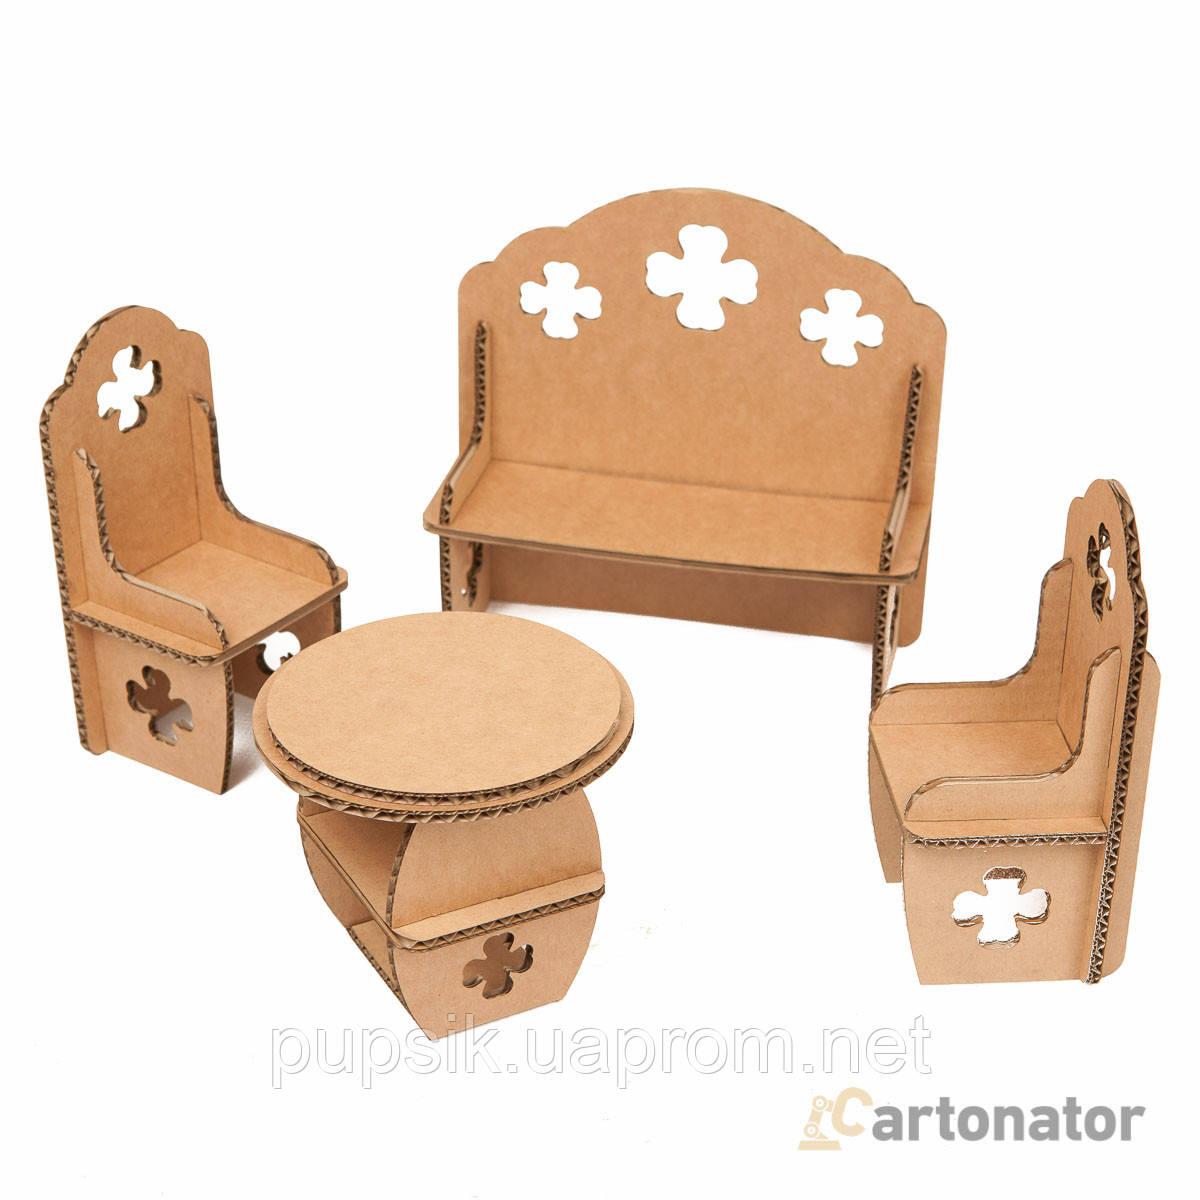 Кукольная мебель для гостиной «Клевер», Cartonator